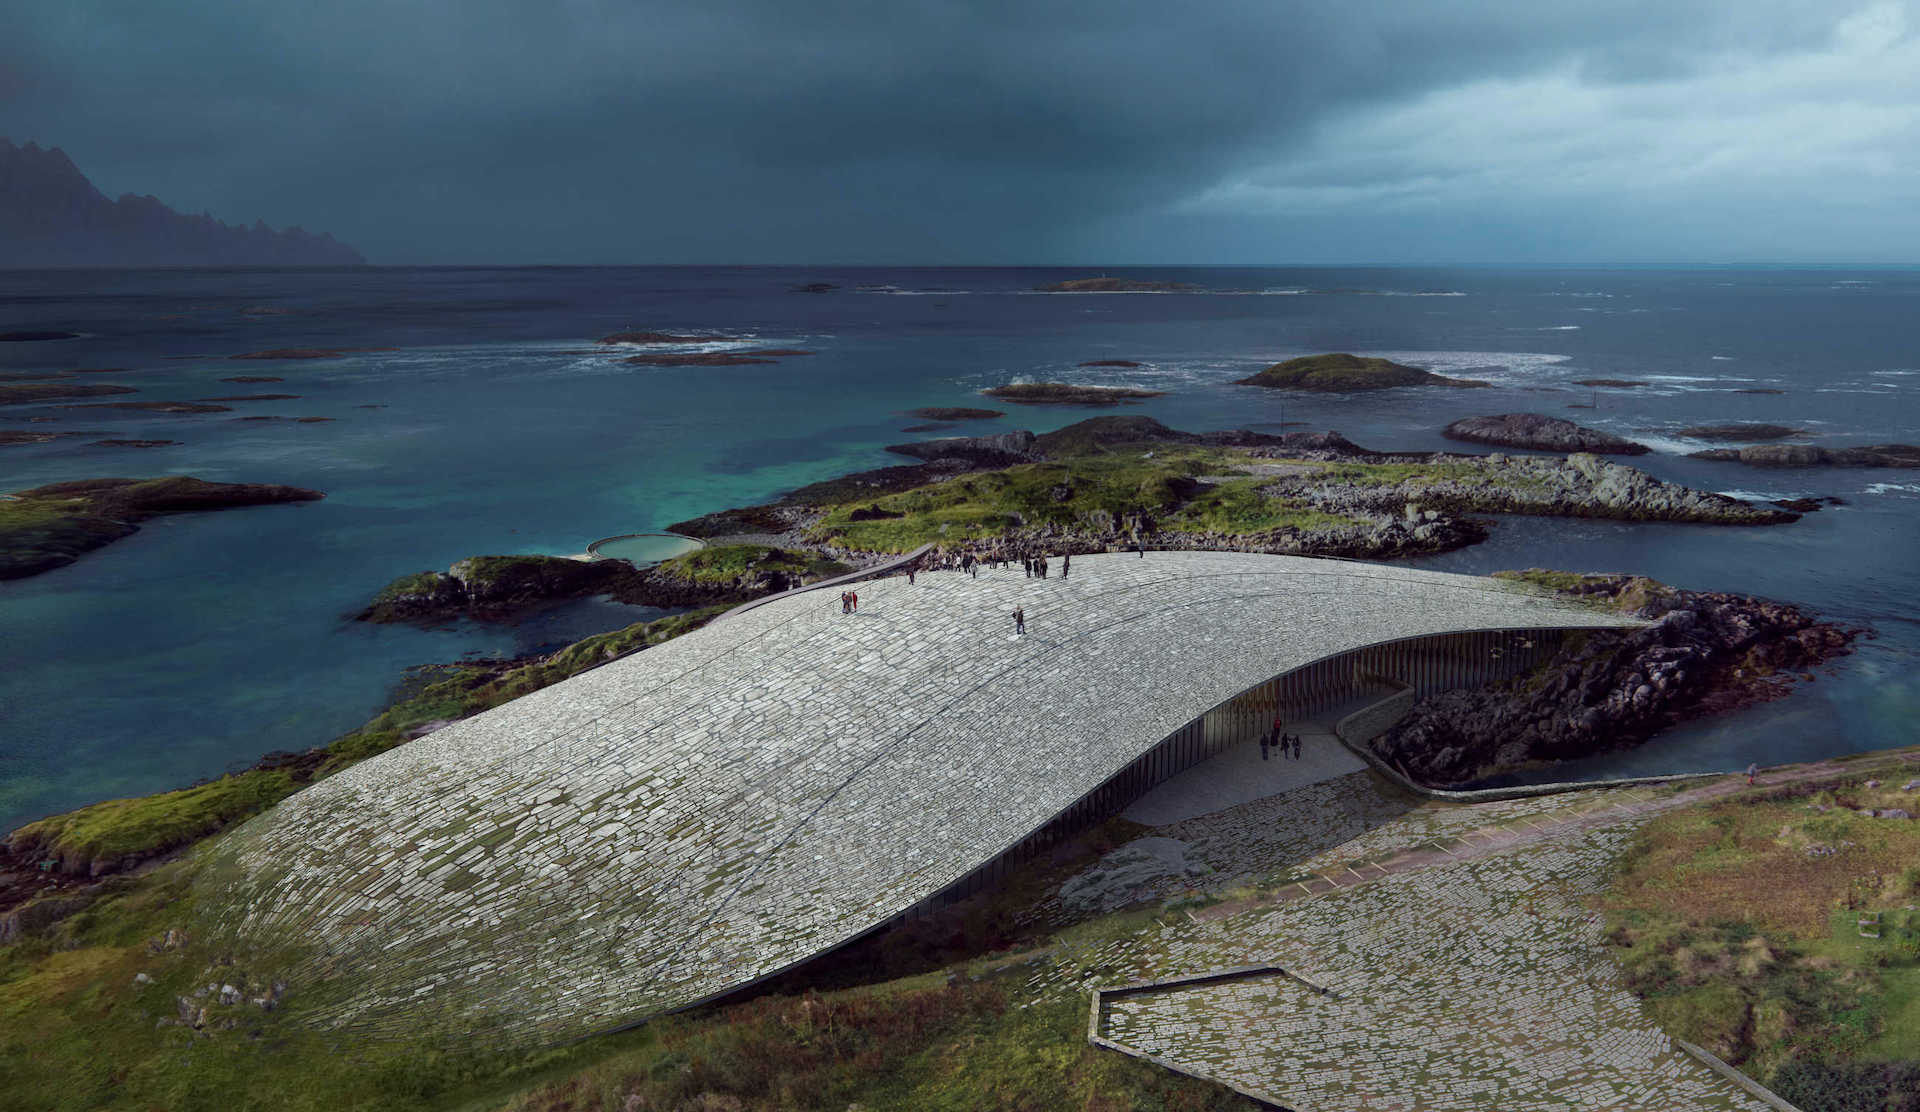 The Whale: el maravilloso edificio para ver ballenas en Noruega